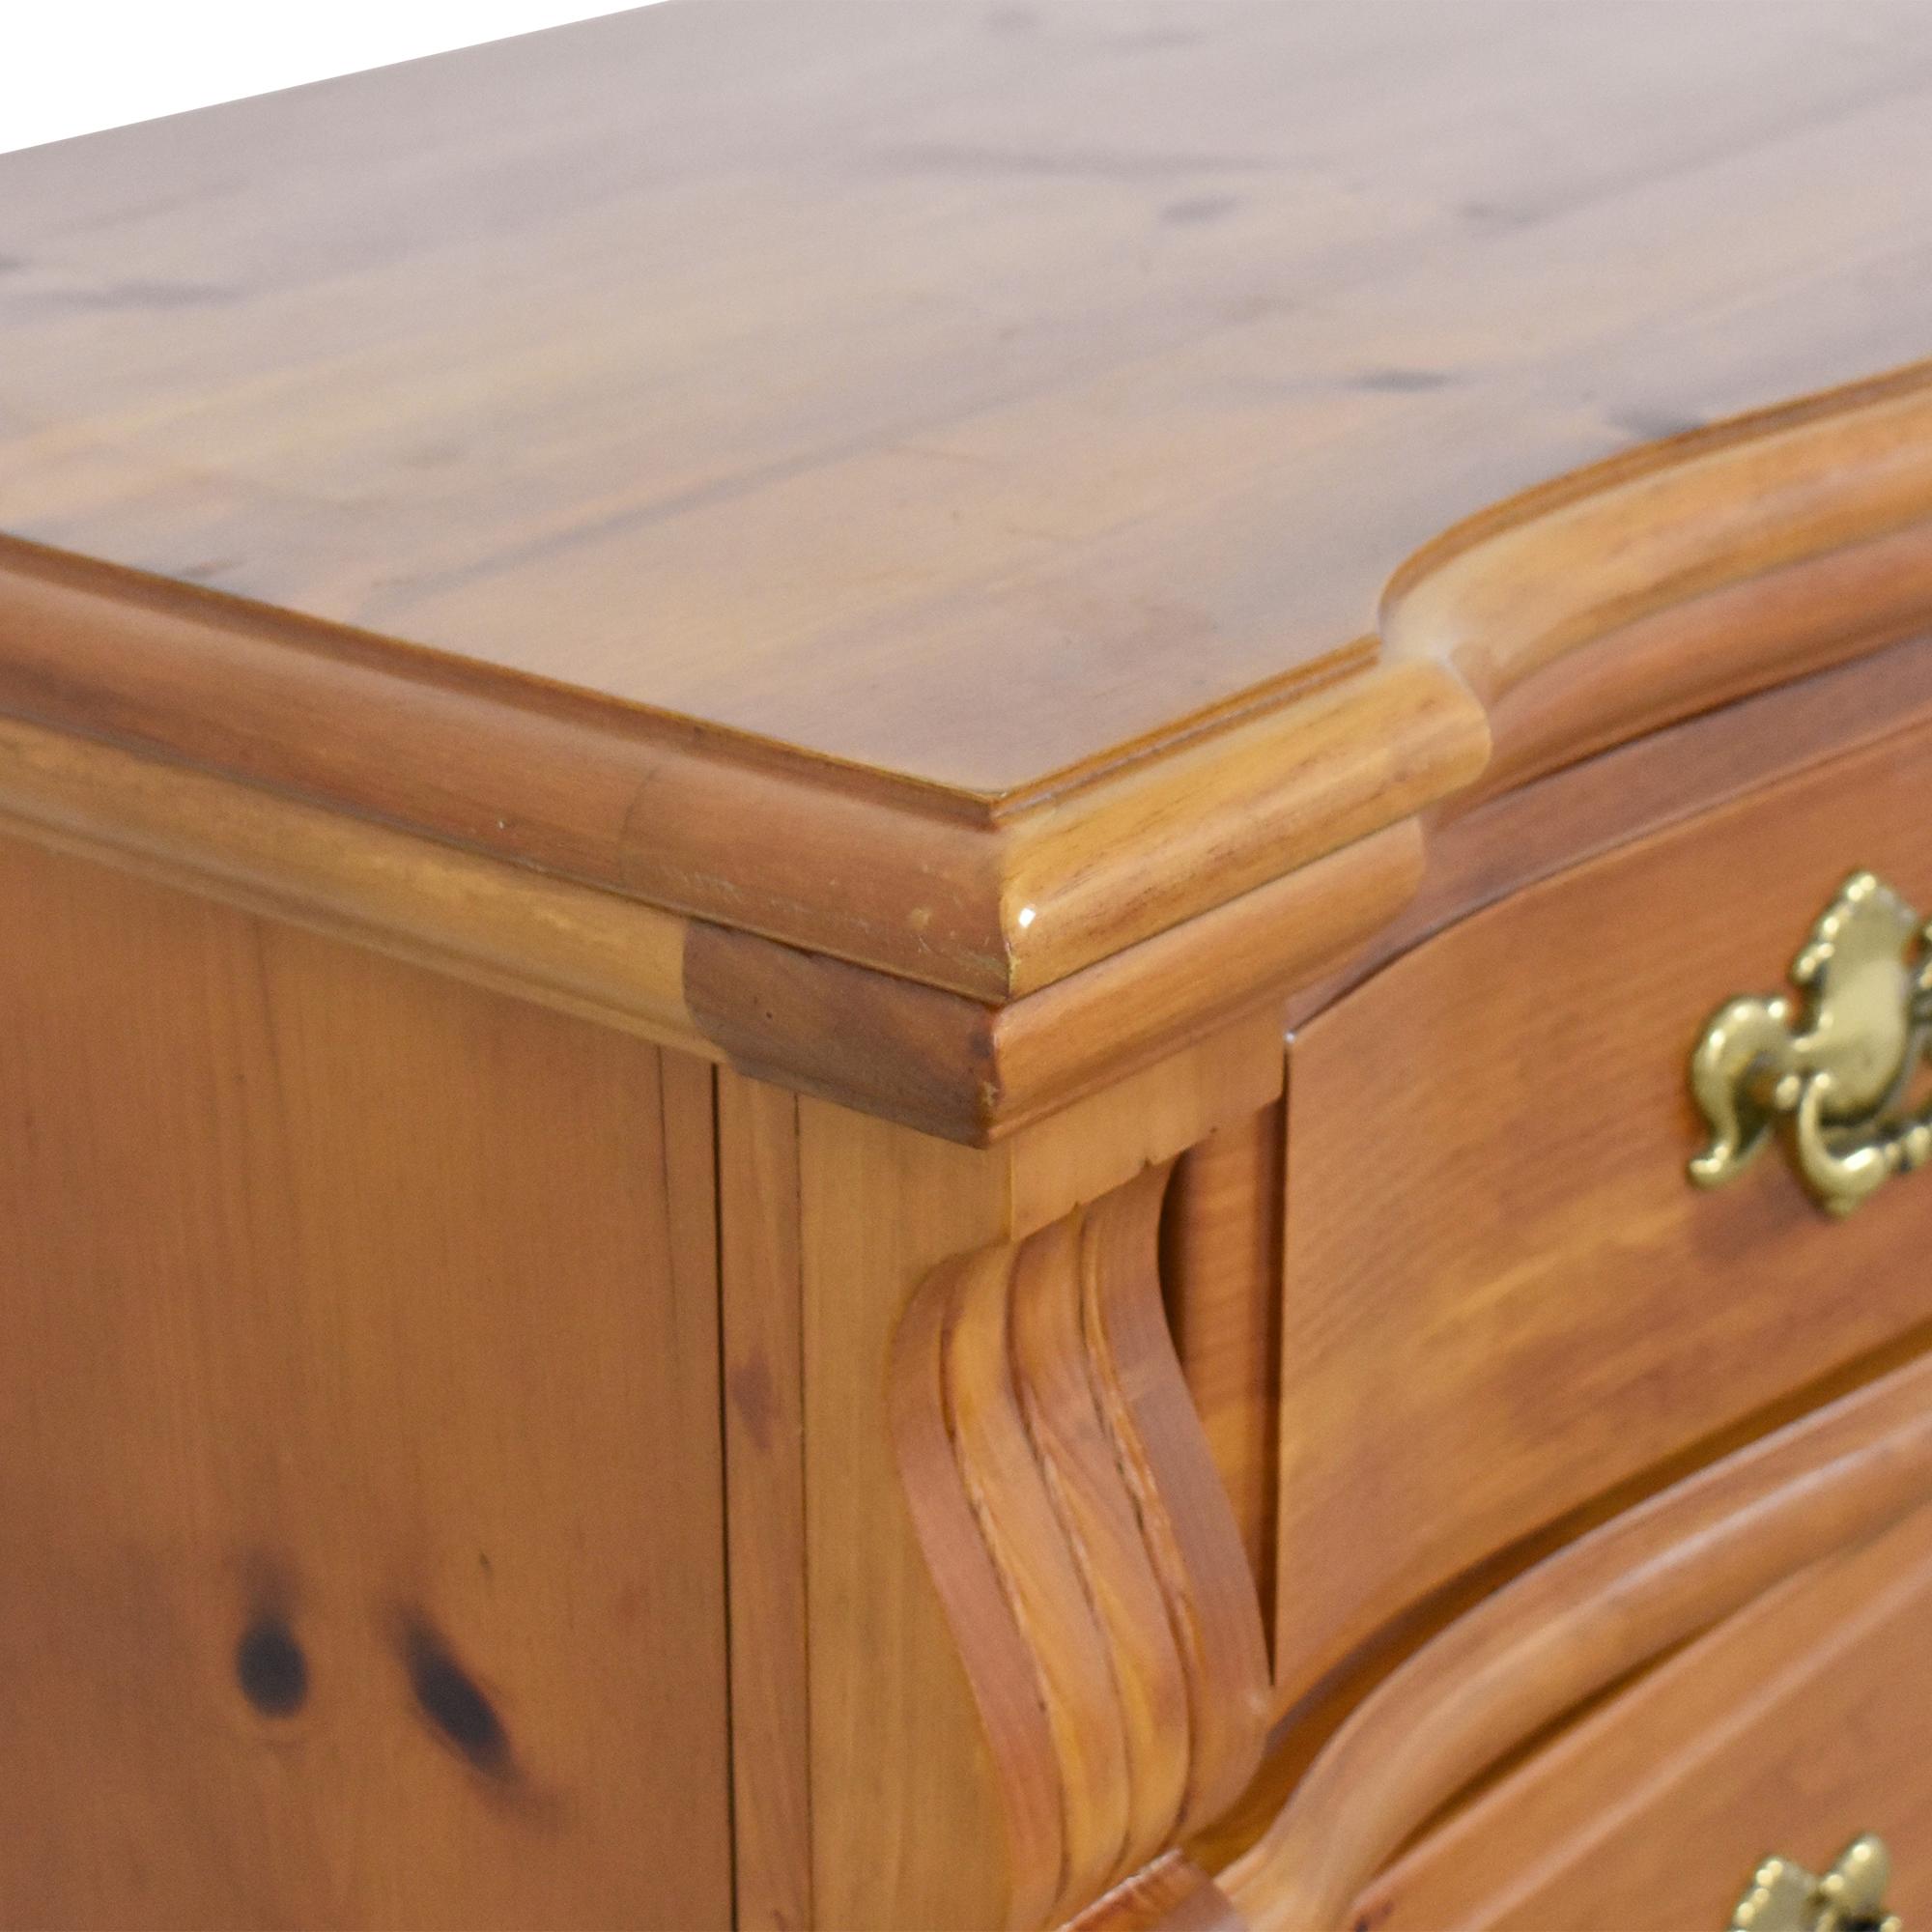 Vaughan-Bassett Vaughan-Bassett Nine Drawer Triple Dresser nyc